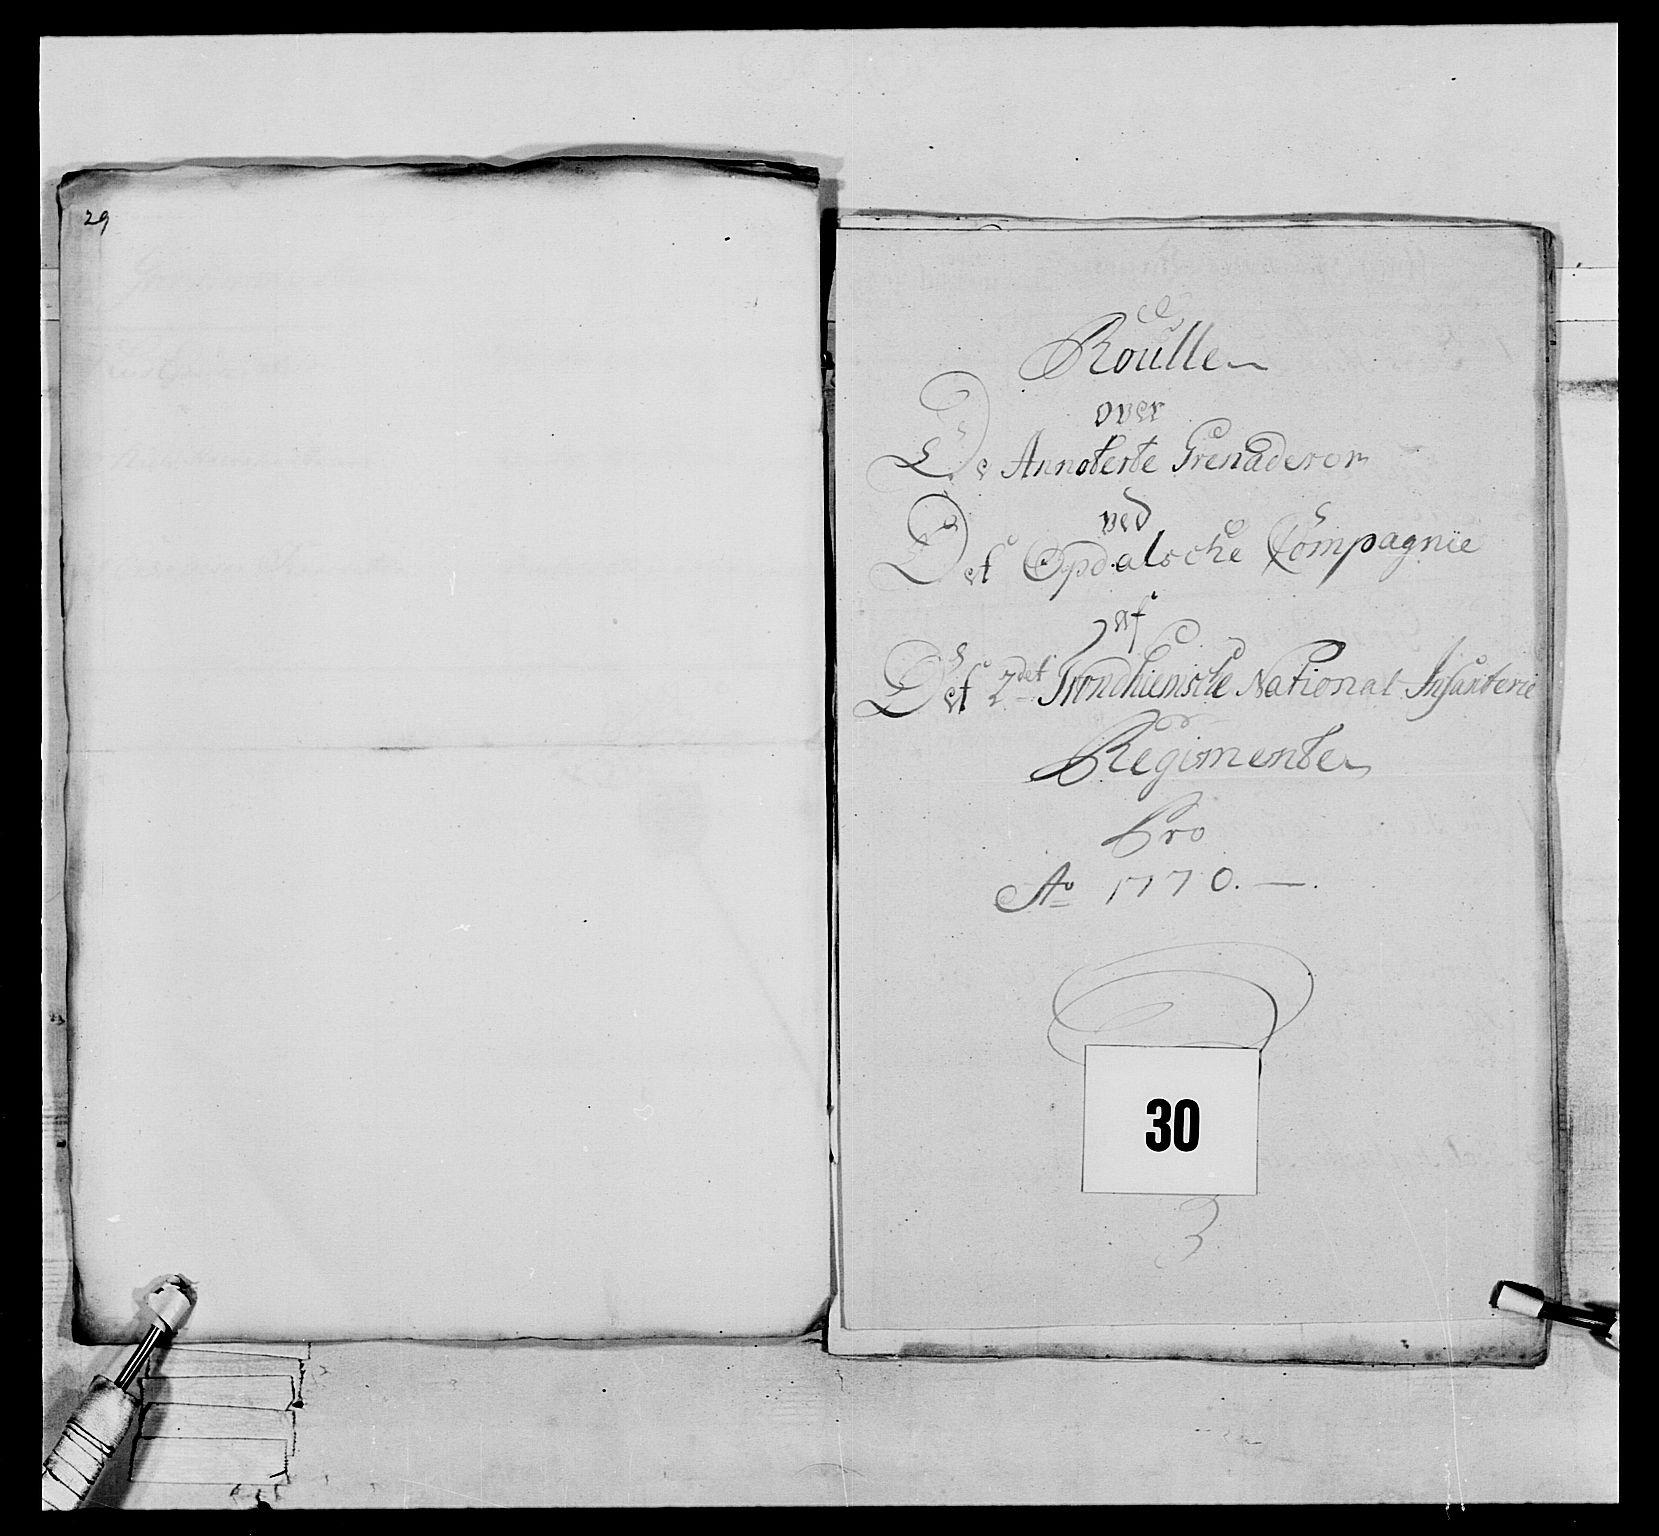 RA, Generalitets- og kommissariatskollegiet, Det kongelige norske kommissariatskollegium, E/Eh/L0076: 2. Trondheimske nasjonale infanteriregiment, 1766-1773, s. 84